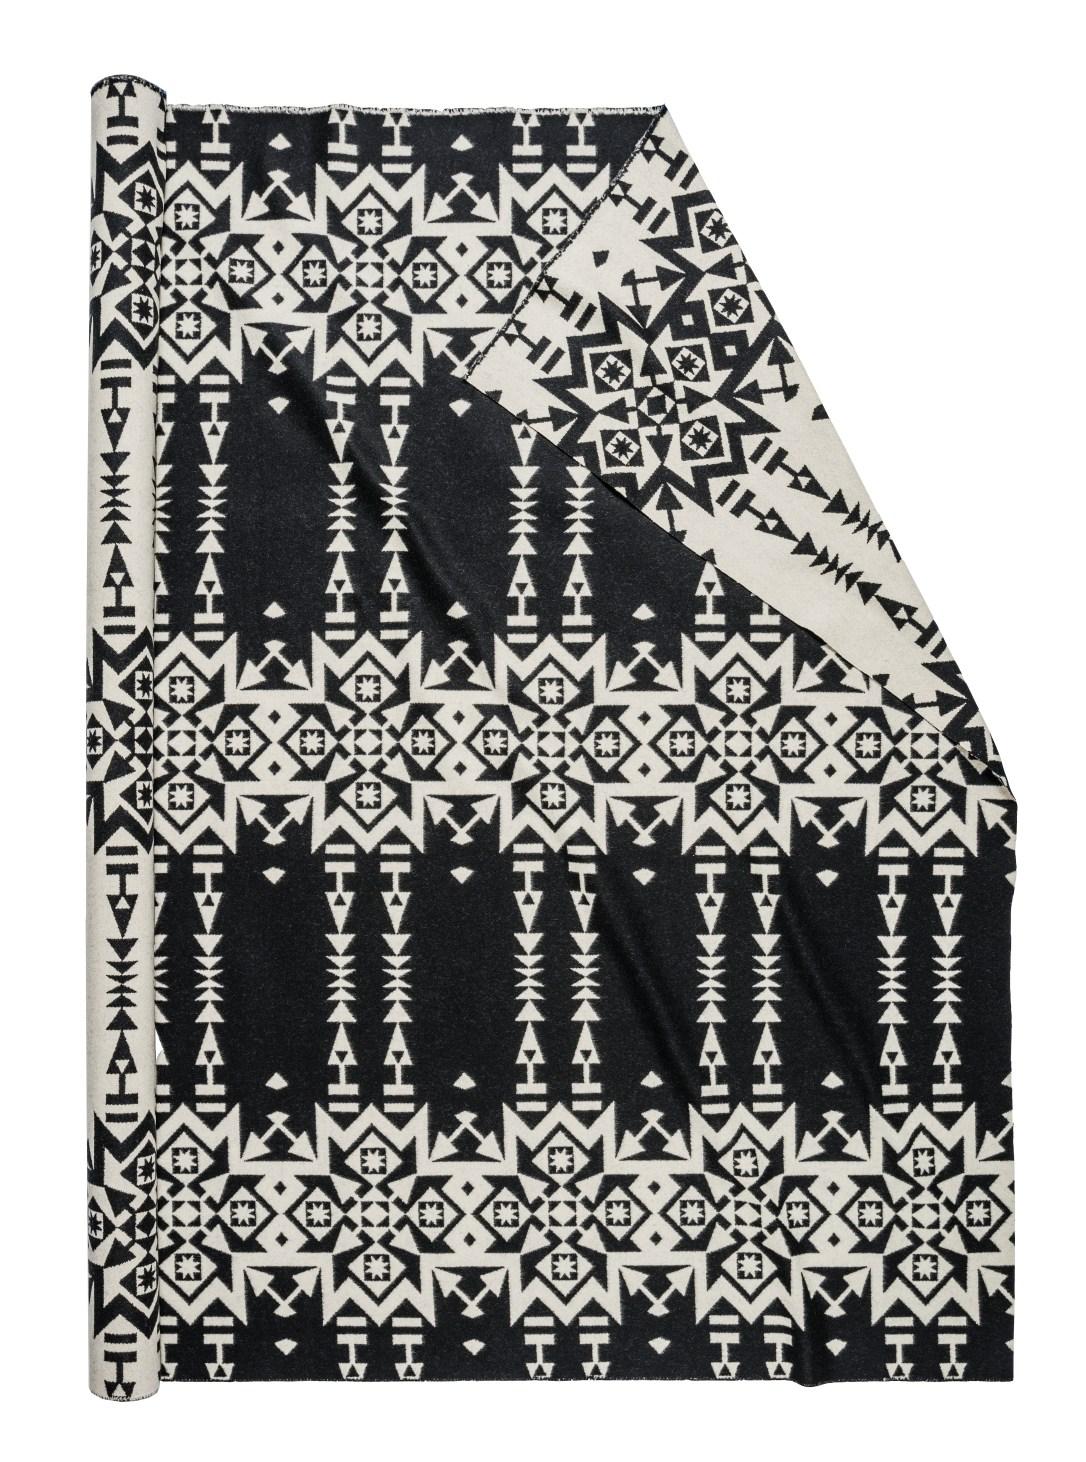 Condensed_Fabric_White